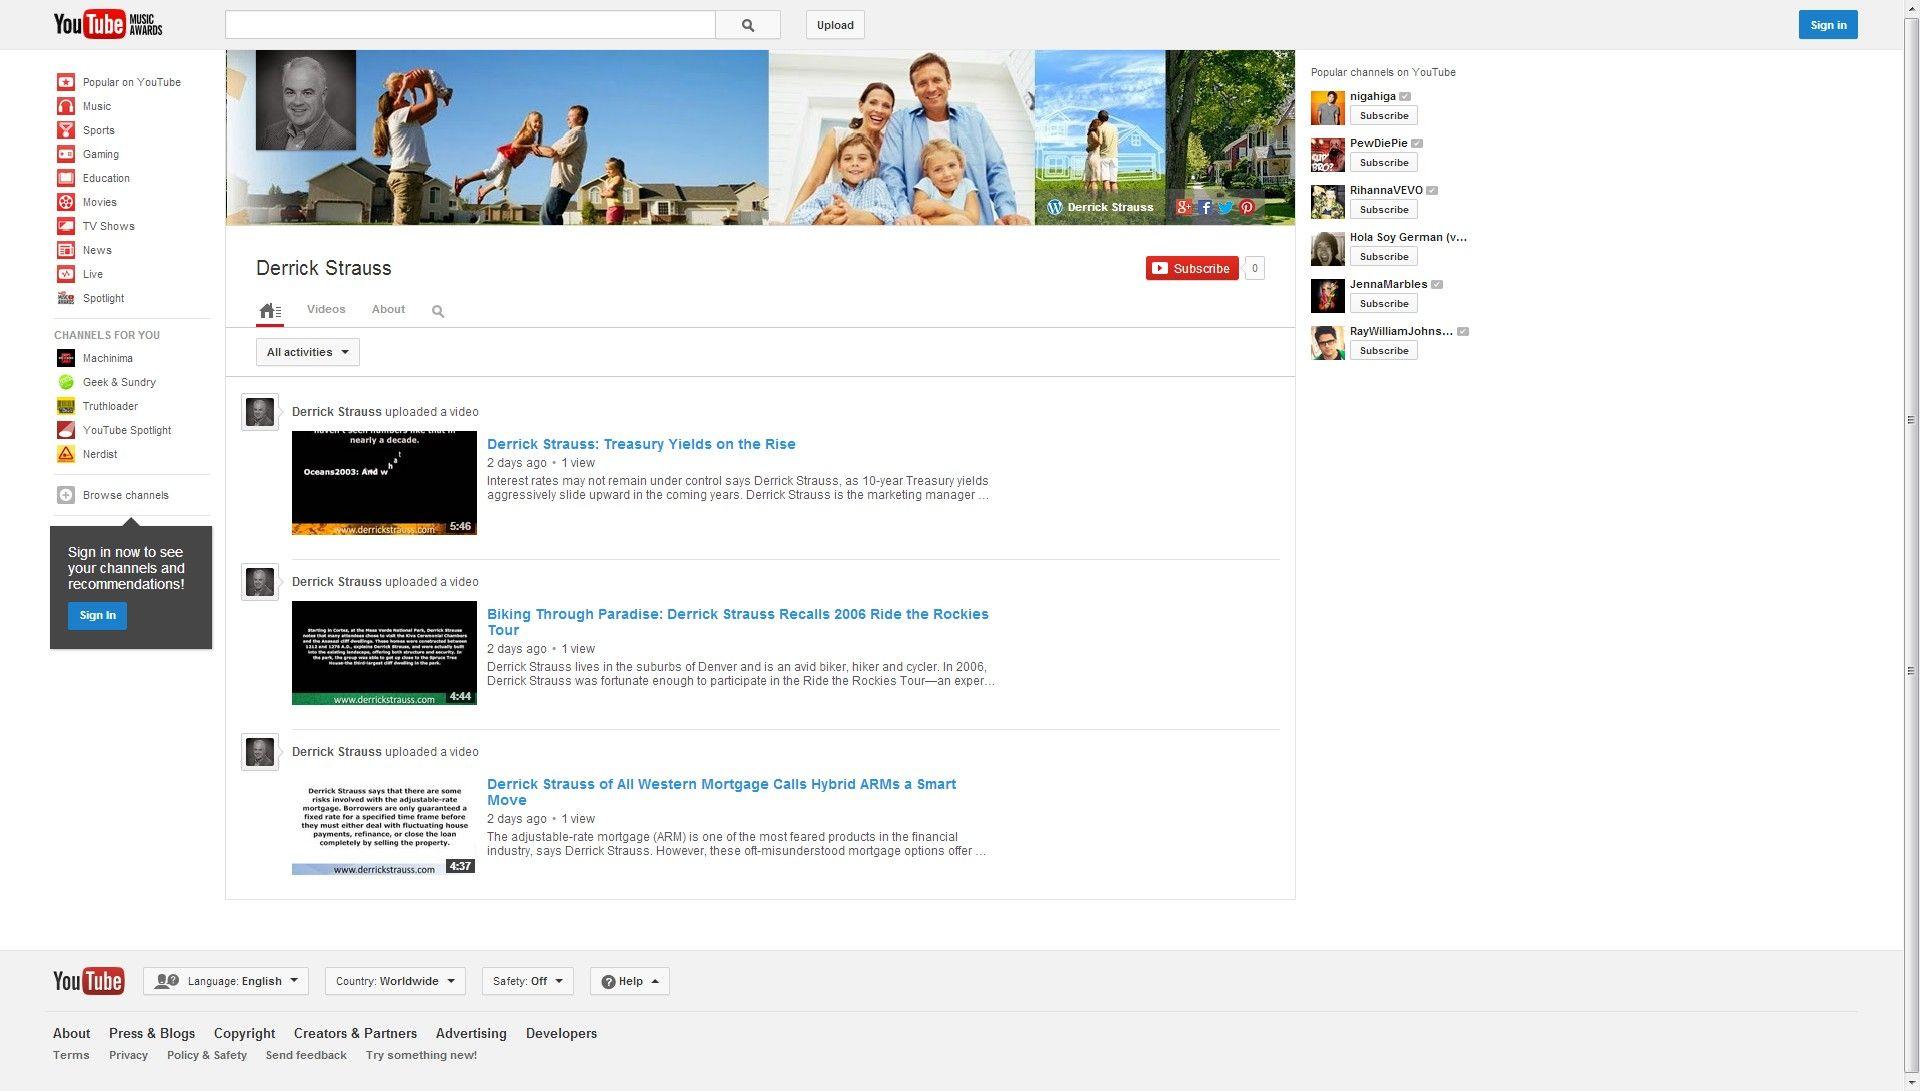 Derrick Strauss Youtube